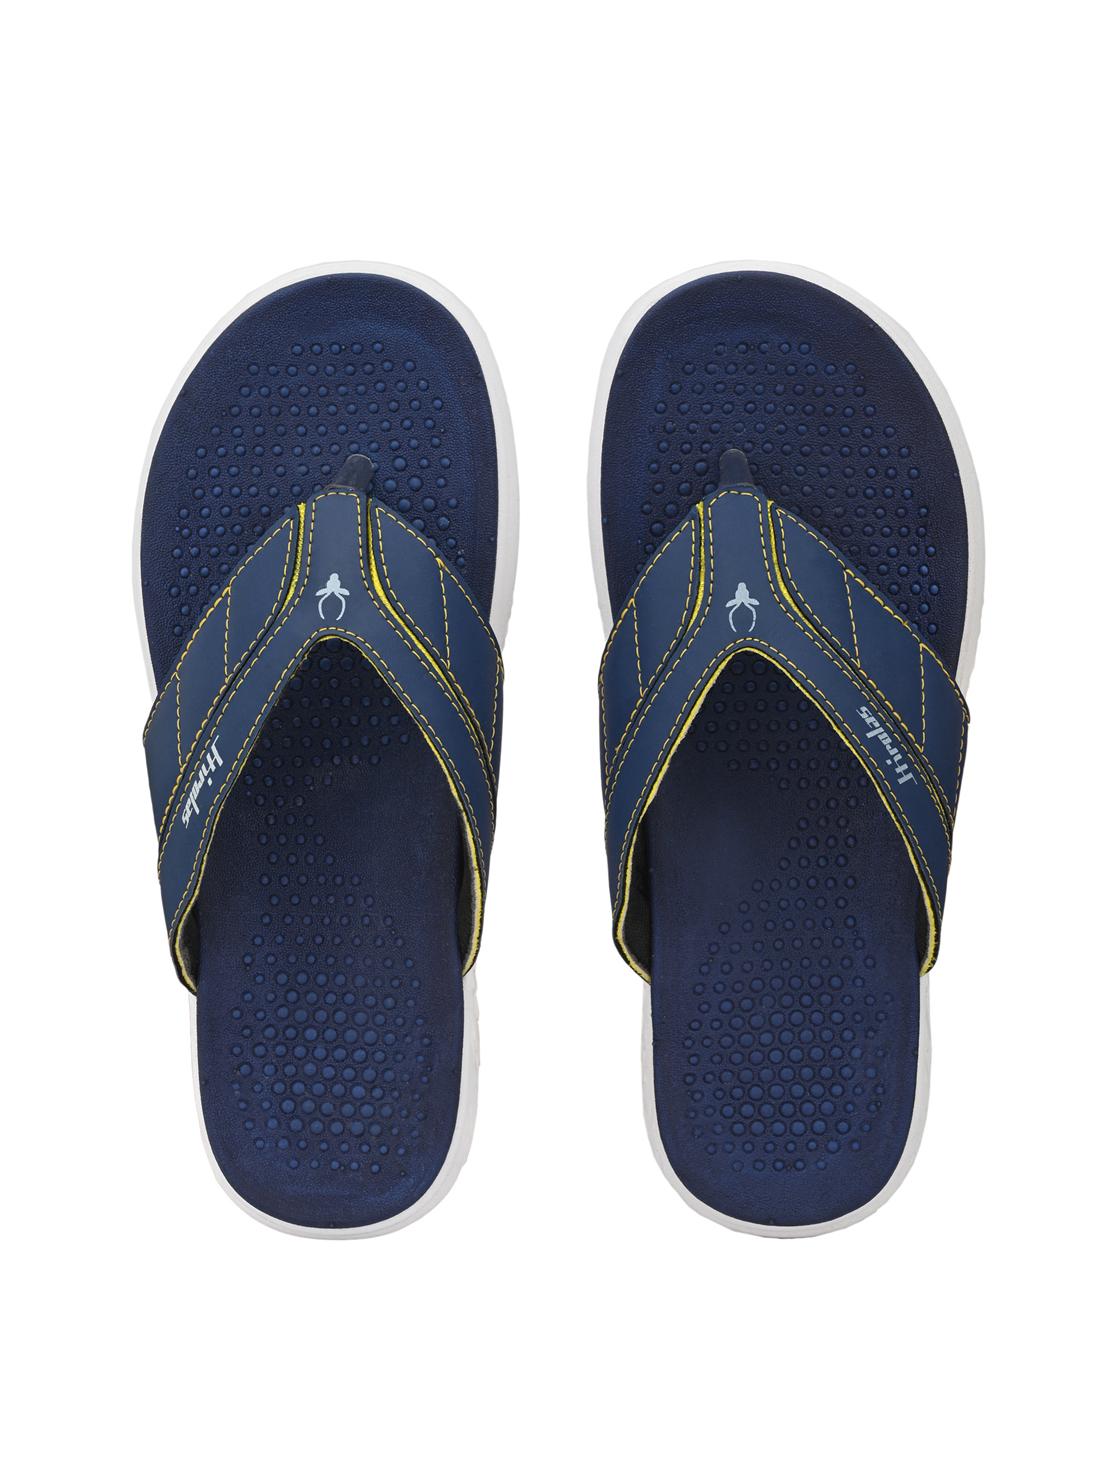 Hirolas | Hirolas® CLOUDWALK | Comfortable | Ultra-Soft | Light-Weight | Shock Absorbent | Bounce Back Technology | Water-Resistant | Flip Flops | Slippers for Men - Blue/Yellow